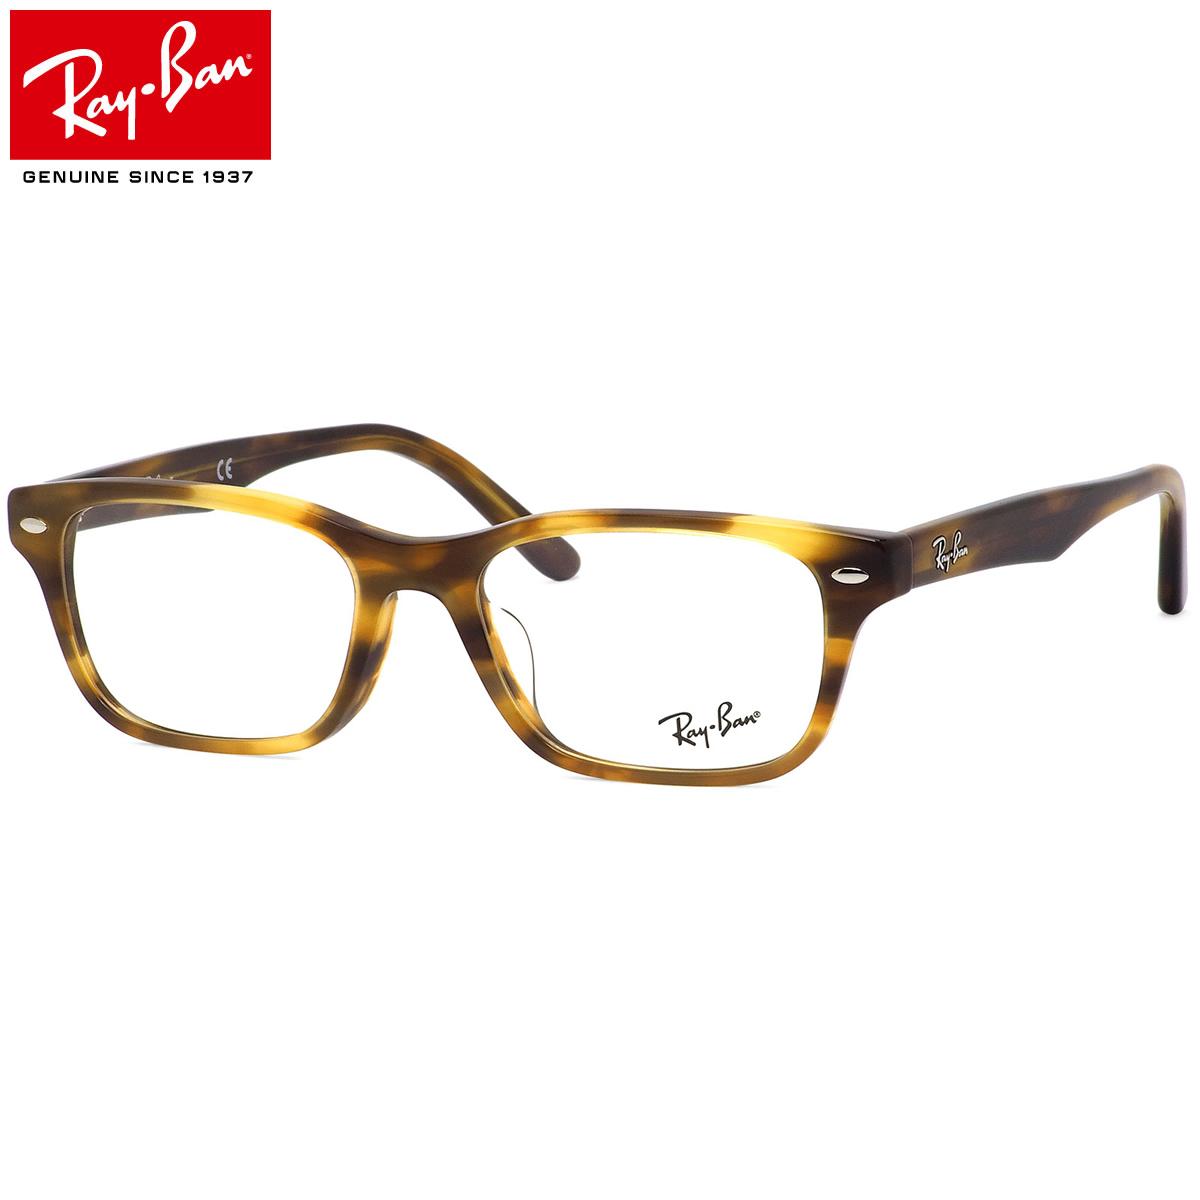 Ray-Ban レイバン メガネ RX5345D 5797 53サイズ レクタングル スクエア ASIAN FIT アジアンフィット ハバナ トータス べっ甲 デミ おしゃれ 知的 クール かっこいい メンズ レディース